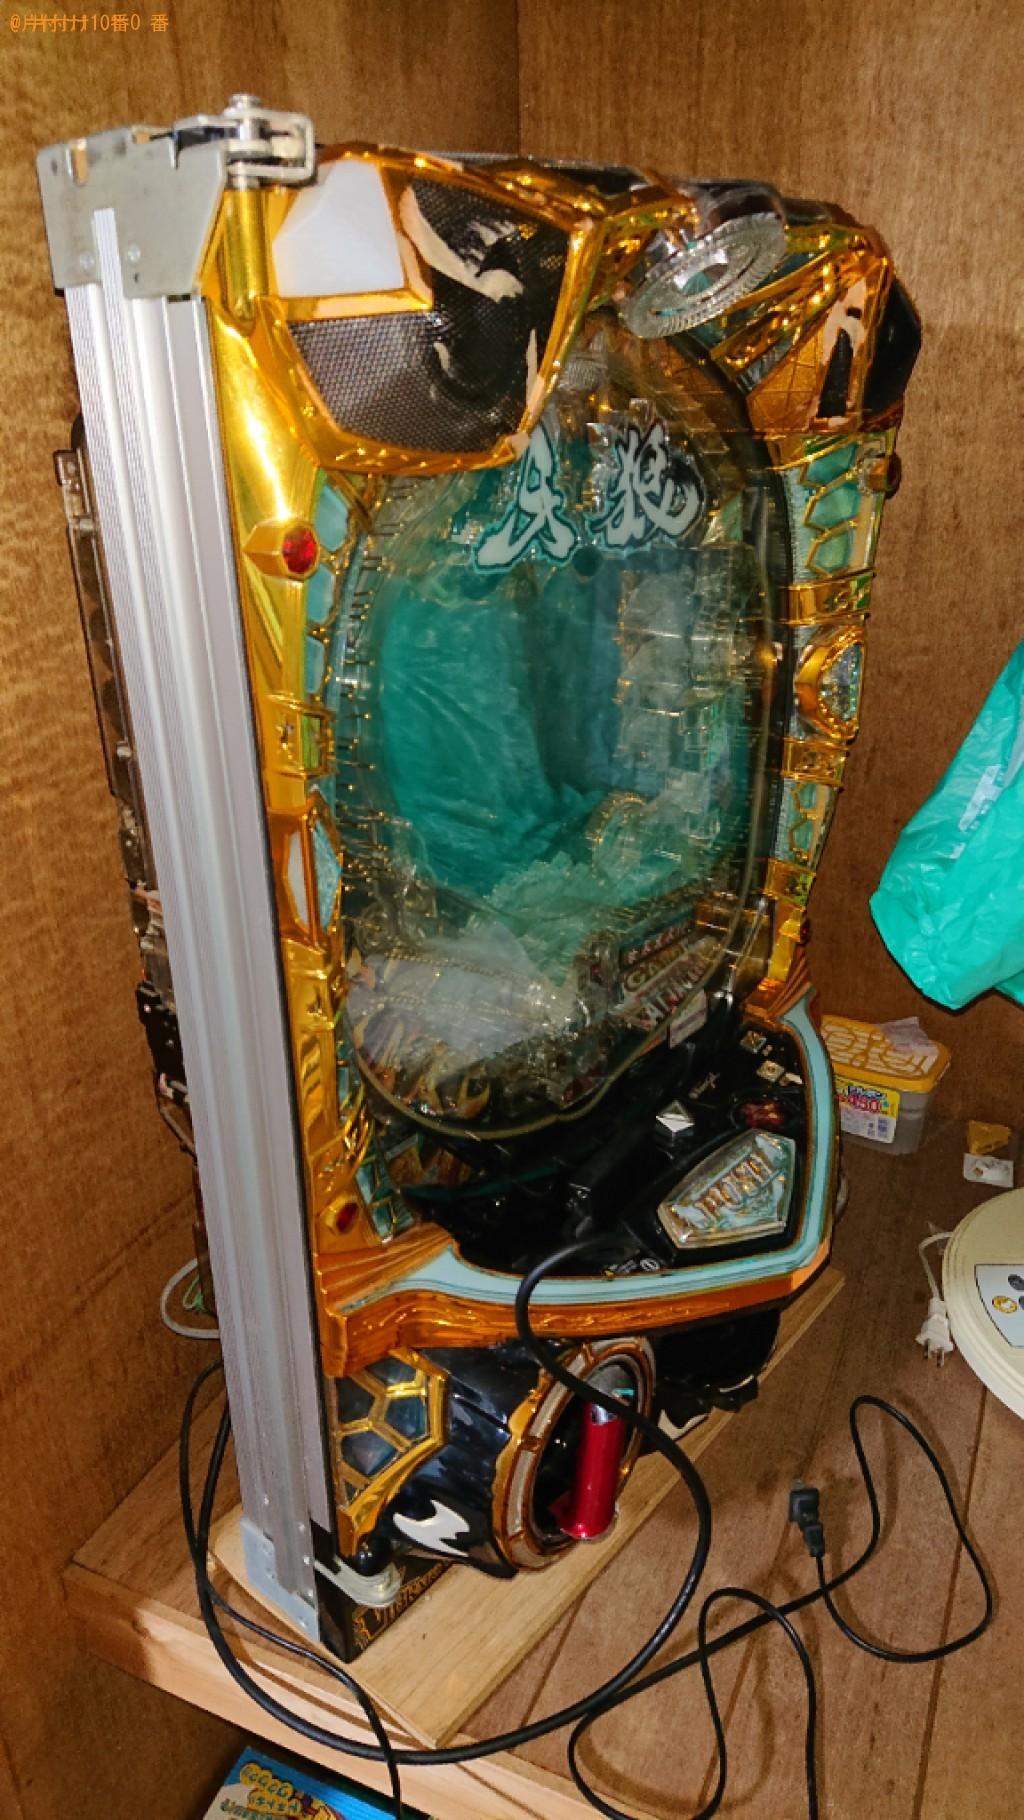 【舞鶴市】パチスロ機・家具・家電の出張不用品回収・処分ご依頼